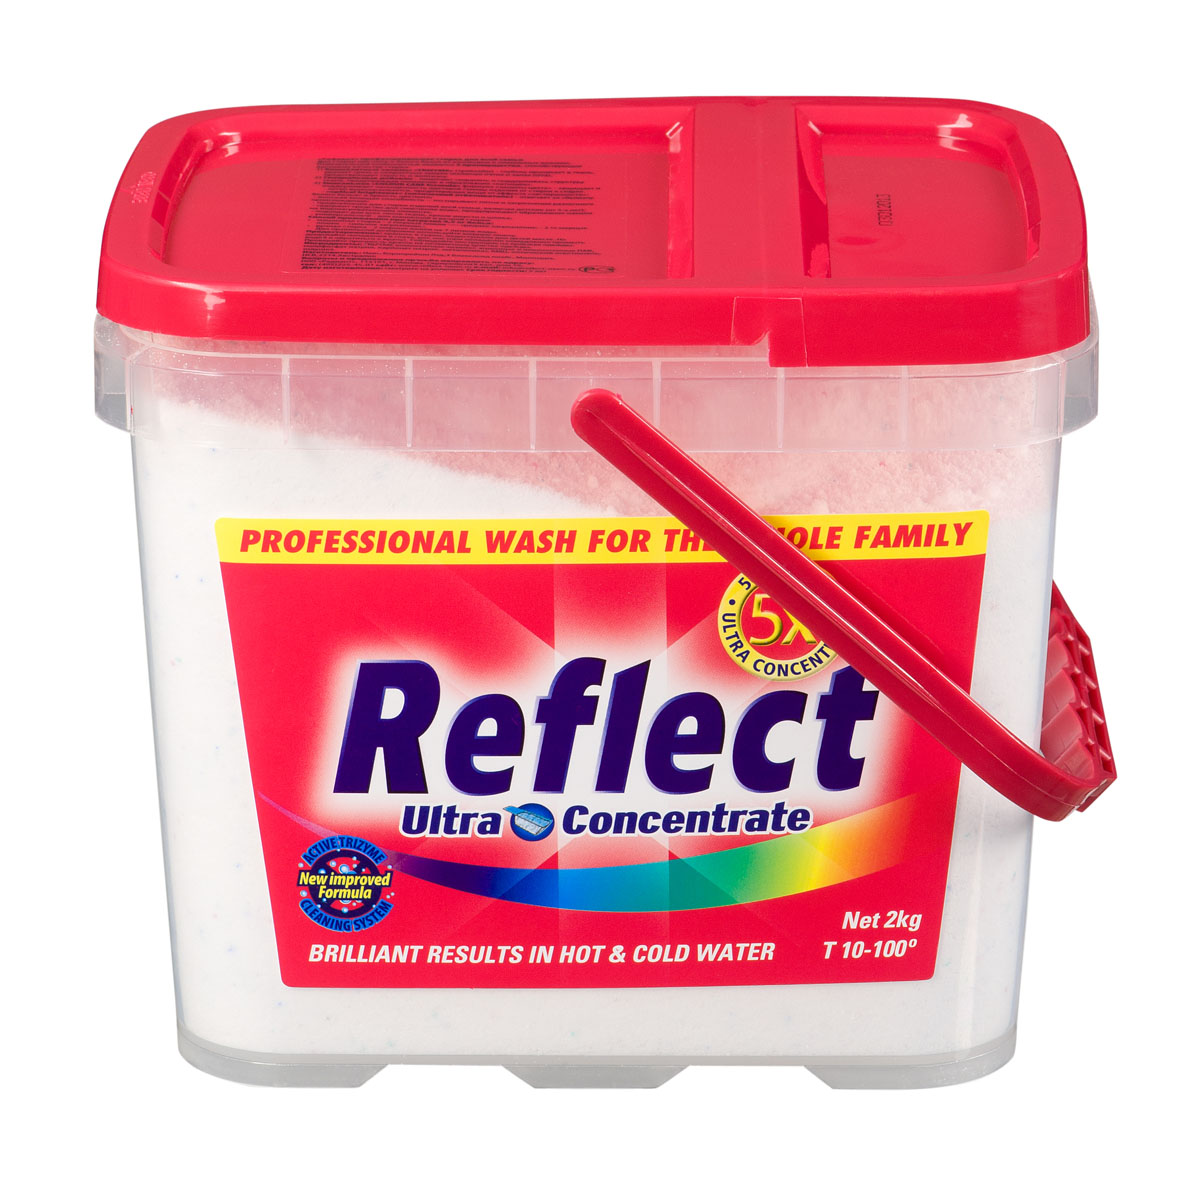 Стиральный порошок универсальный Reflect, суперконцентрат, 2 кг4600296000409Концентрированный стиральный порошок Reflect предназначен для стирки цветного и белого белья из хлопковых и смешанных волокон. Упаковки концентрата хватает на 50 стирок. 2 кг такого порошка эффективны как 9 кг неконцентрированного стирального порошка. Преимущества, способствующие высокому качеству стирки: - Композитные энзимы Trizyme глубоко проникают в ткань, удаляют грязь и неприятные запахи (включая пятна и запах пота), предотвращают серость и желтизну. - Специальные добавки помогают сохранять и поддерживать структуру ткани, предупреждая появление и образование катышек. - Уникальная формула Colour Care (формула защиты цвета) защищает и поддерживает насыщенность цветовой гаммы изделия от стирки к стирке. Особенности порошка Reflect: - Optical Brightener (оптический отбеливатель) отвечает за белизну белого белья и яркость цветного, - высокая моющая способность: отстирывает пятна и загрязнения различного происхождения, - предназначен для стирки изделий для всей семьи, включая детские (от 3-х лет), - содержит средство для смягчения воды, предупреждает образование накипи на водонагревательном элементе, - подходит для всех типов ткани, кроме шерсти и шелка, - универсальный - для машинной и ручной стирки, - стирает в холодной и горячей воде. Характеристики: Вес: 2 кг. Размер упаковки: 18 см х 14,5 см х 15,5 см. Температура воды: 10°C-100°C. Артикул: 15050. Товар сертифицирован.